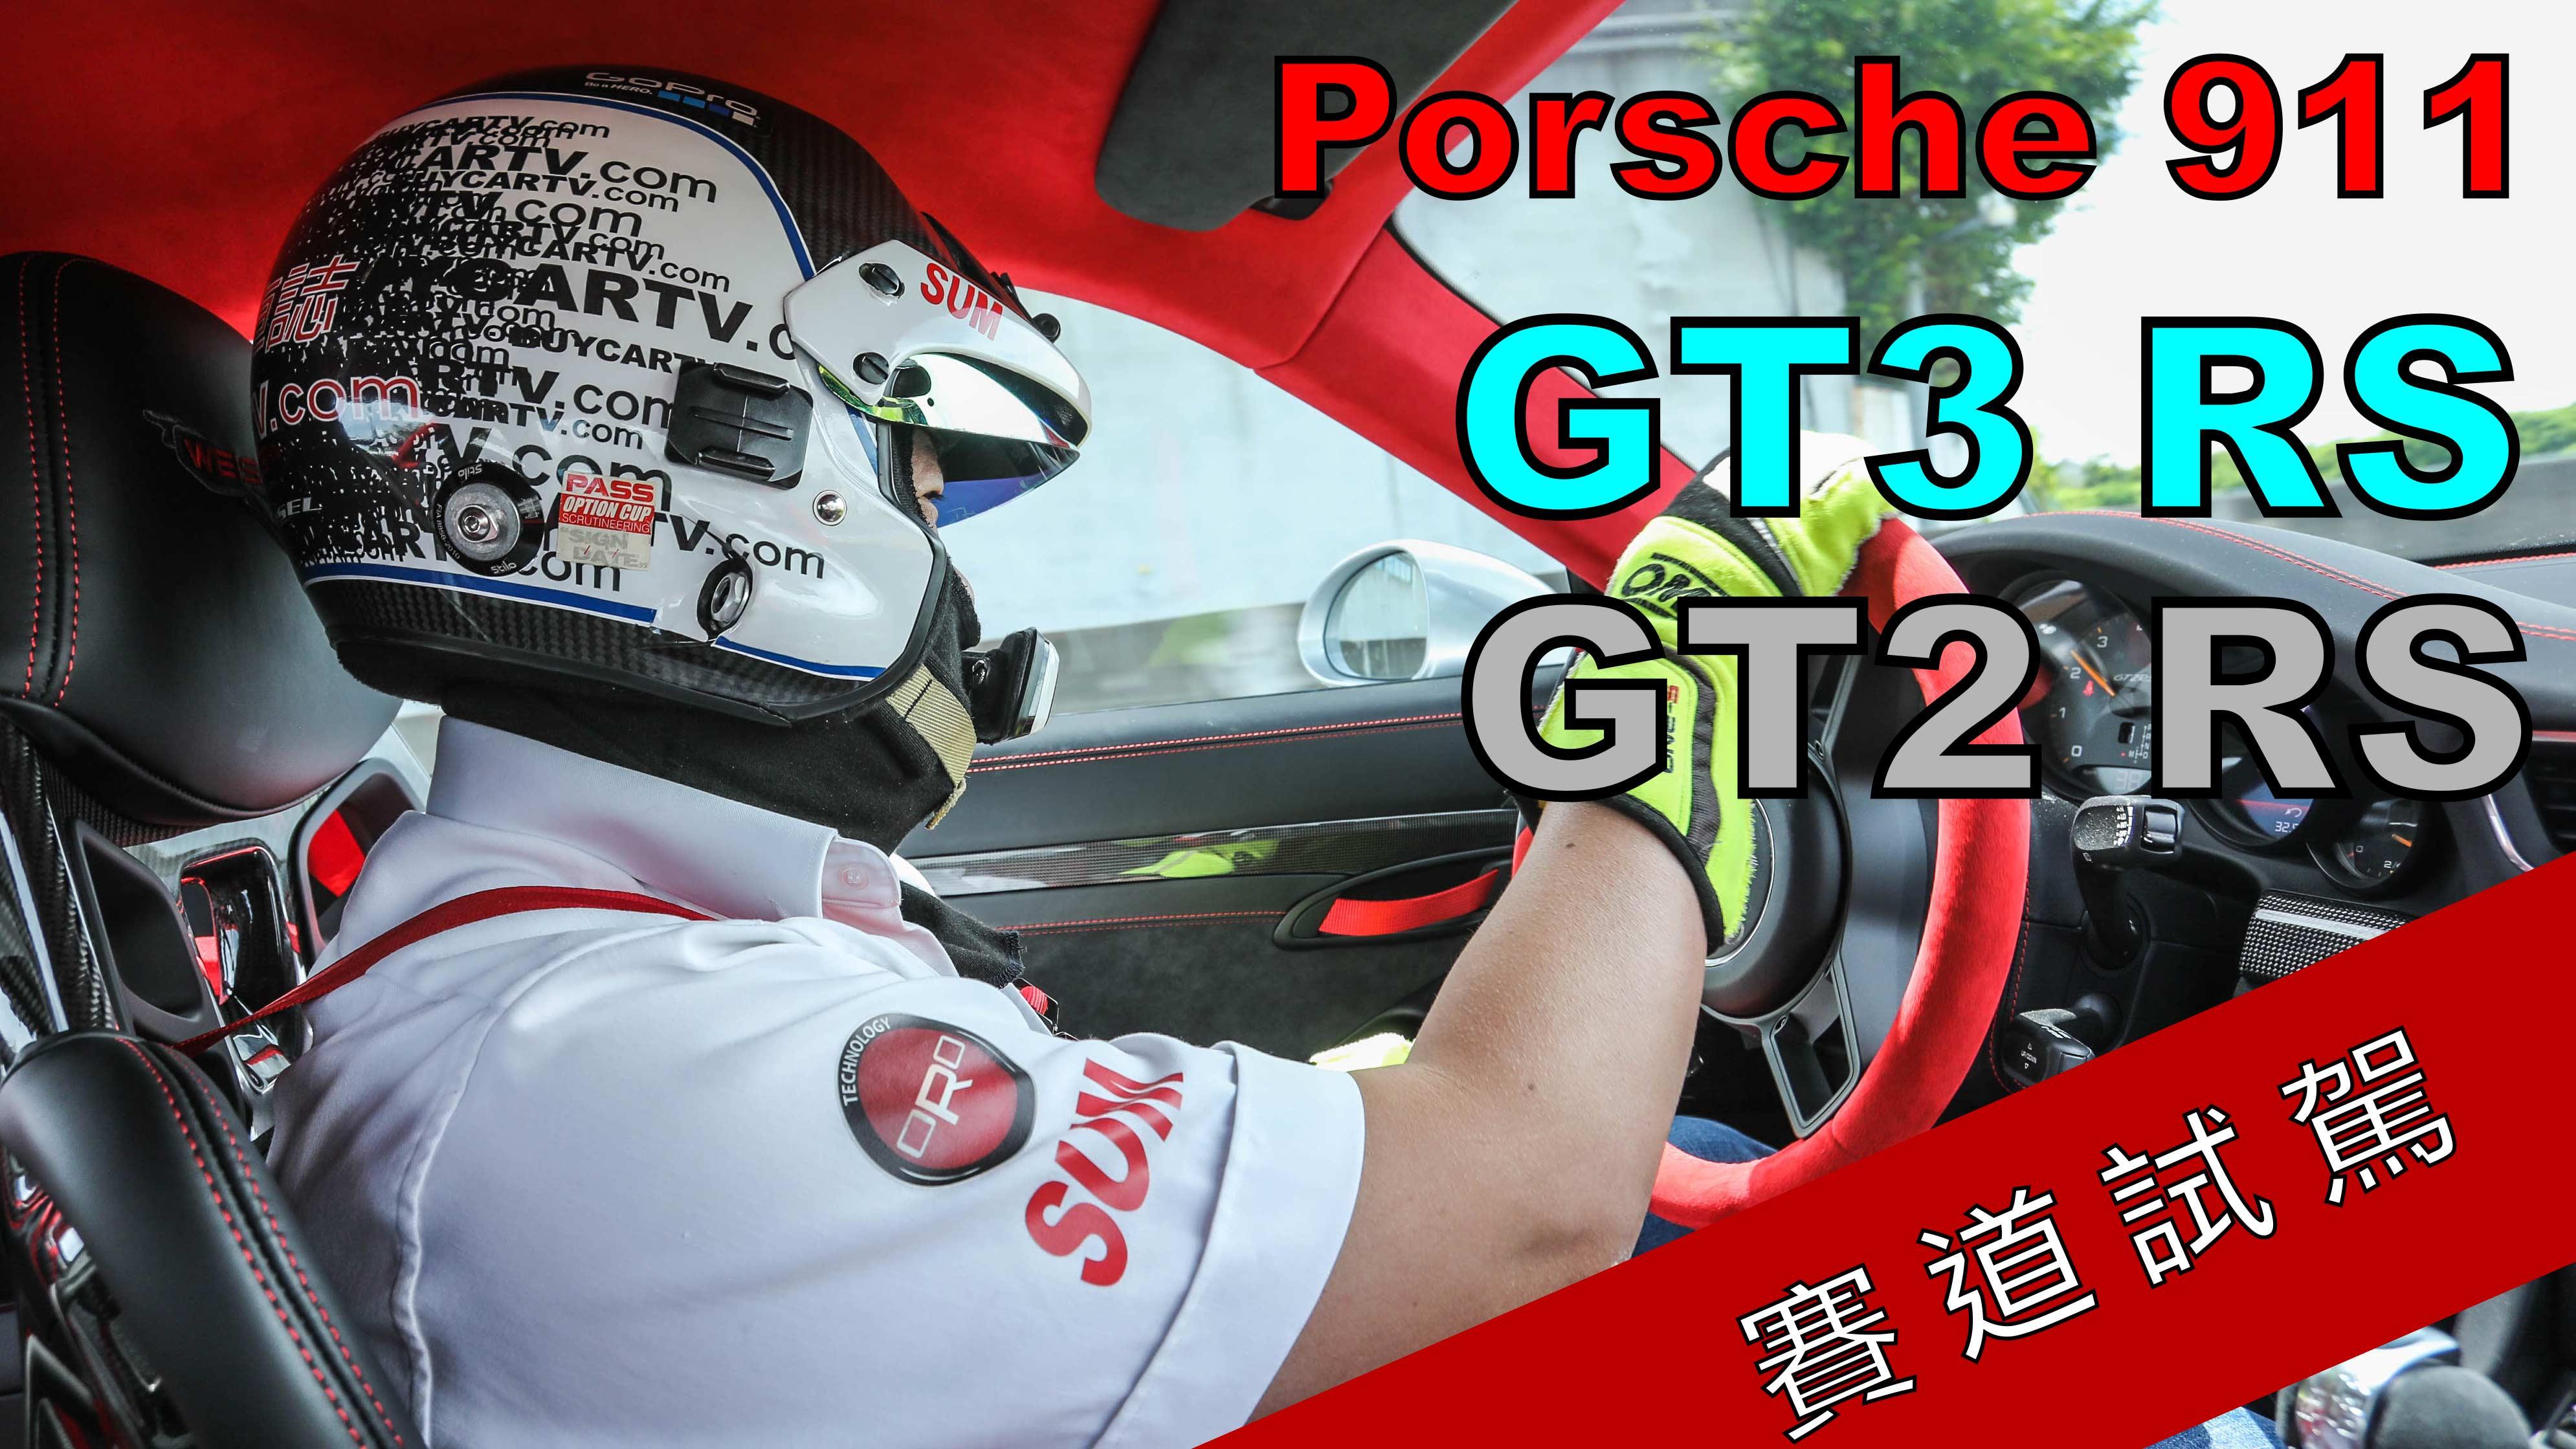 【賽道試駕】猛獸解放!史無前例的激情試駕|Porsche 911 GT3 RS / GT2 RS